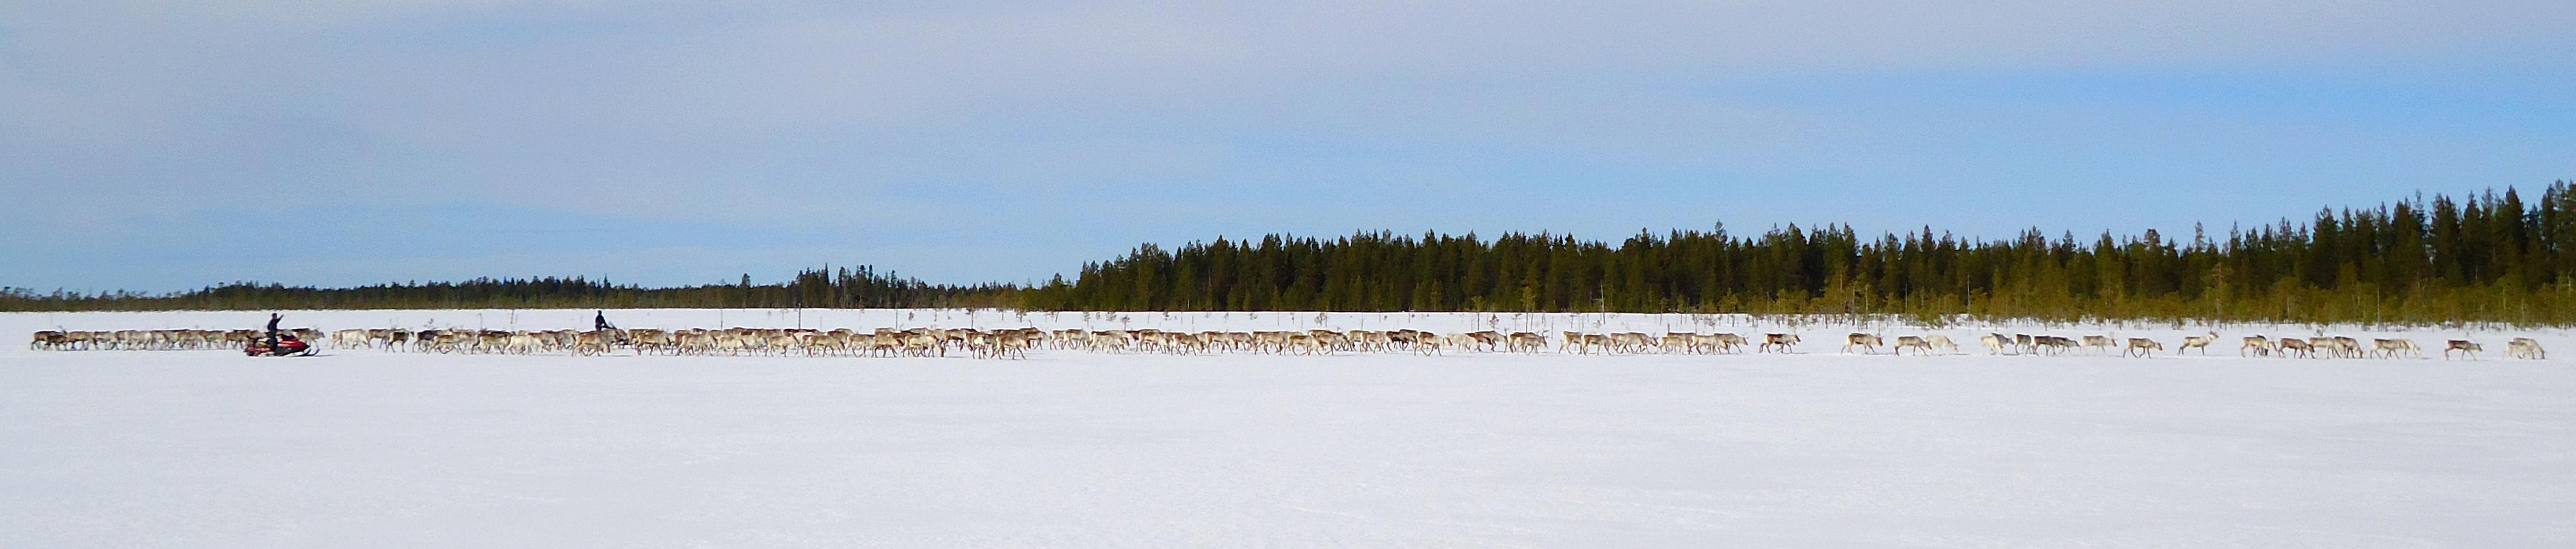 Pitkä pororaito talvisessa maisemassa.